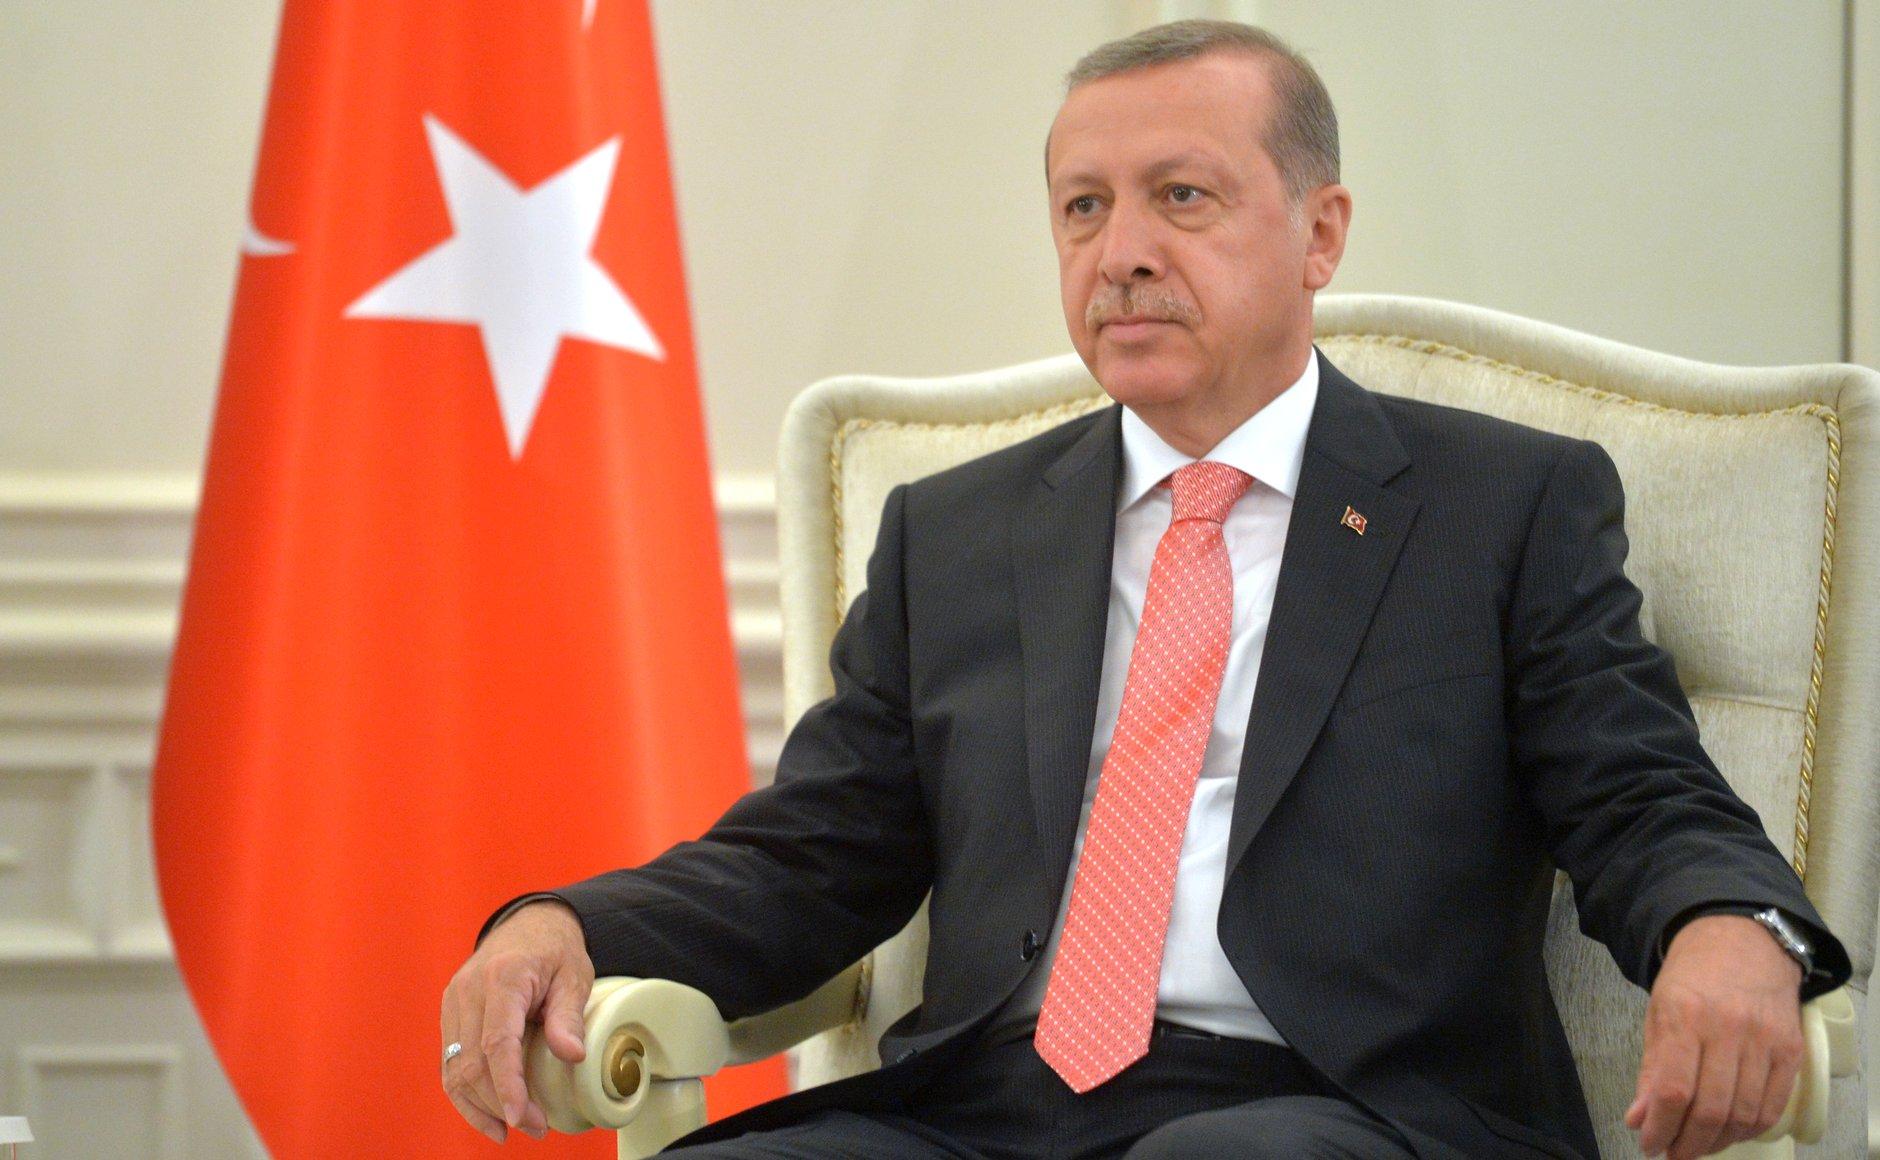 Эрдоган опять заявил о желании встретиться с Путиным